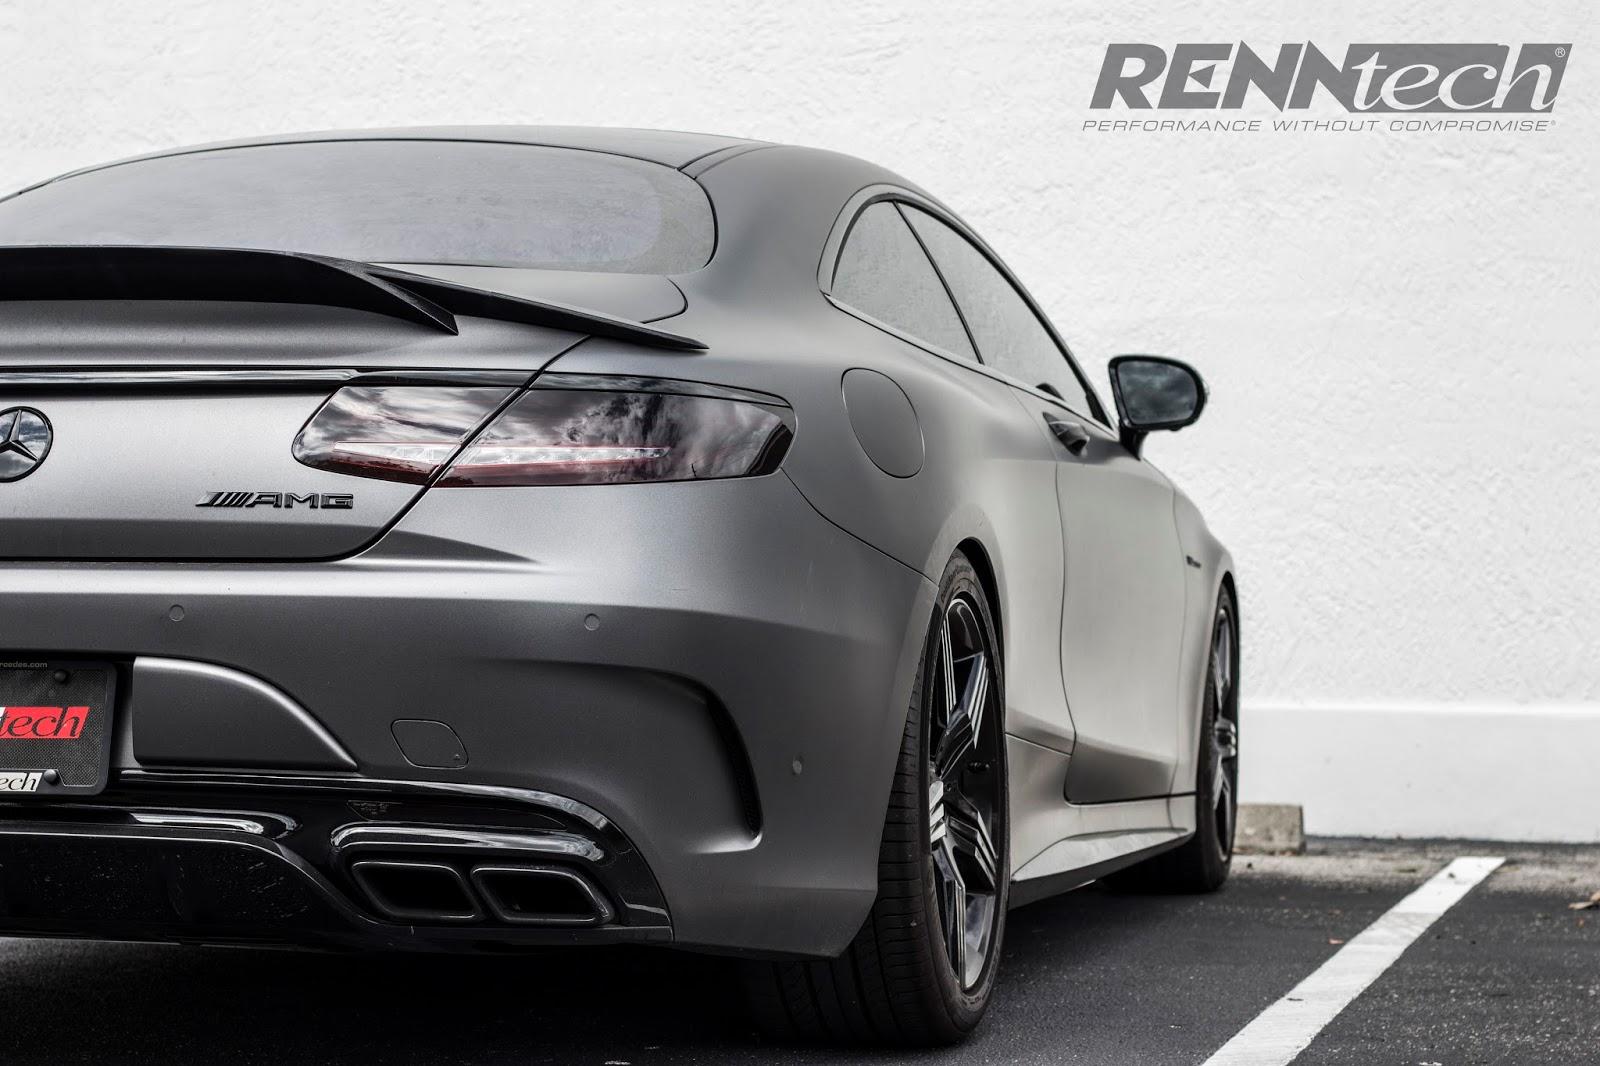 Mercedes-AMG S63 Coupé Renntech (10)